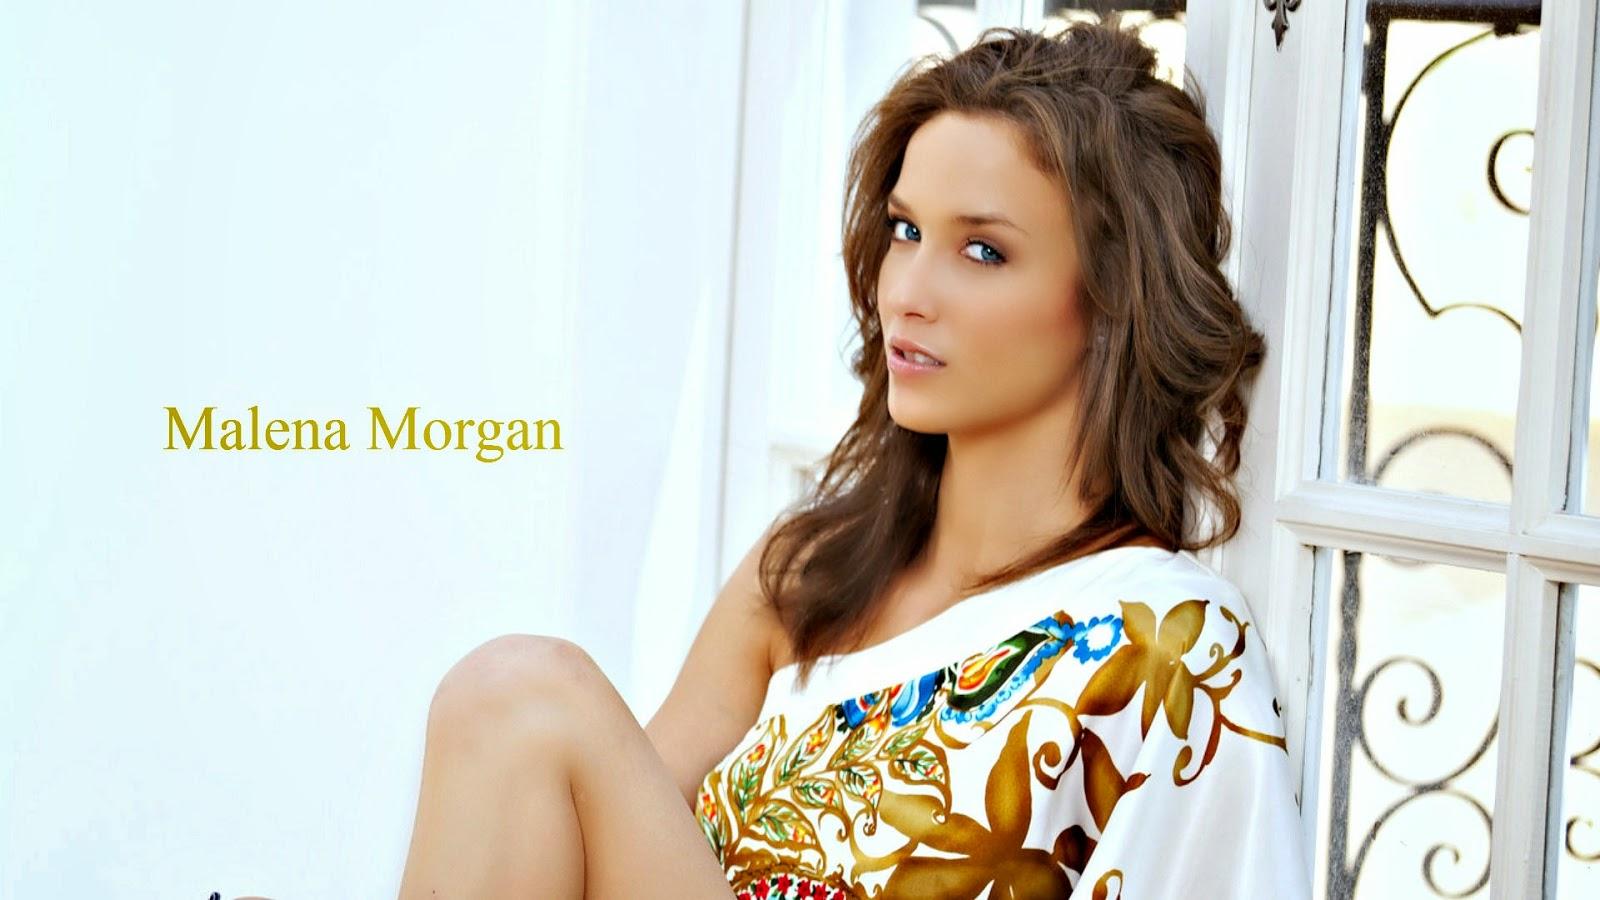 Malena Morgan 2015